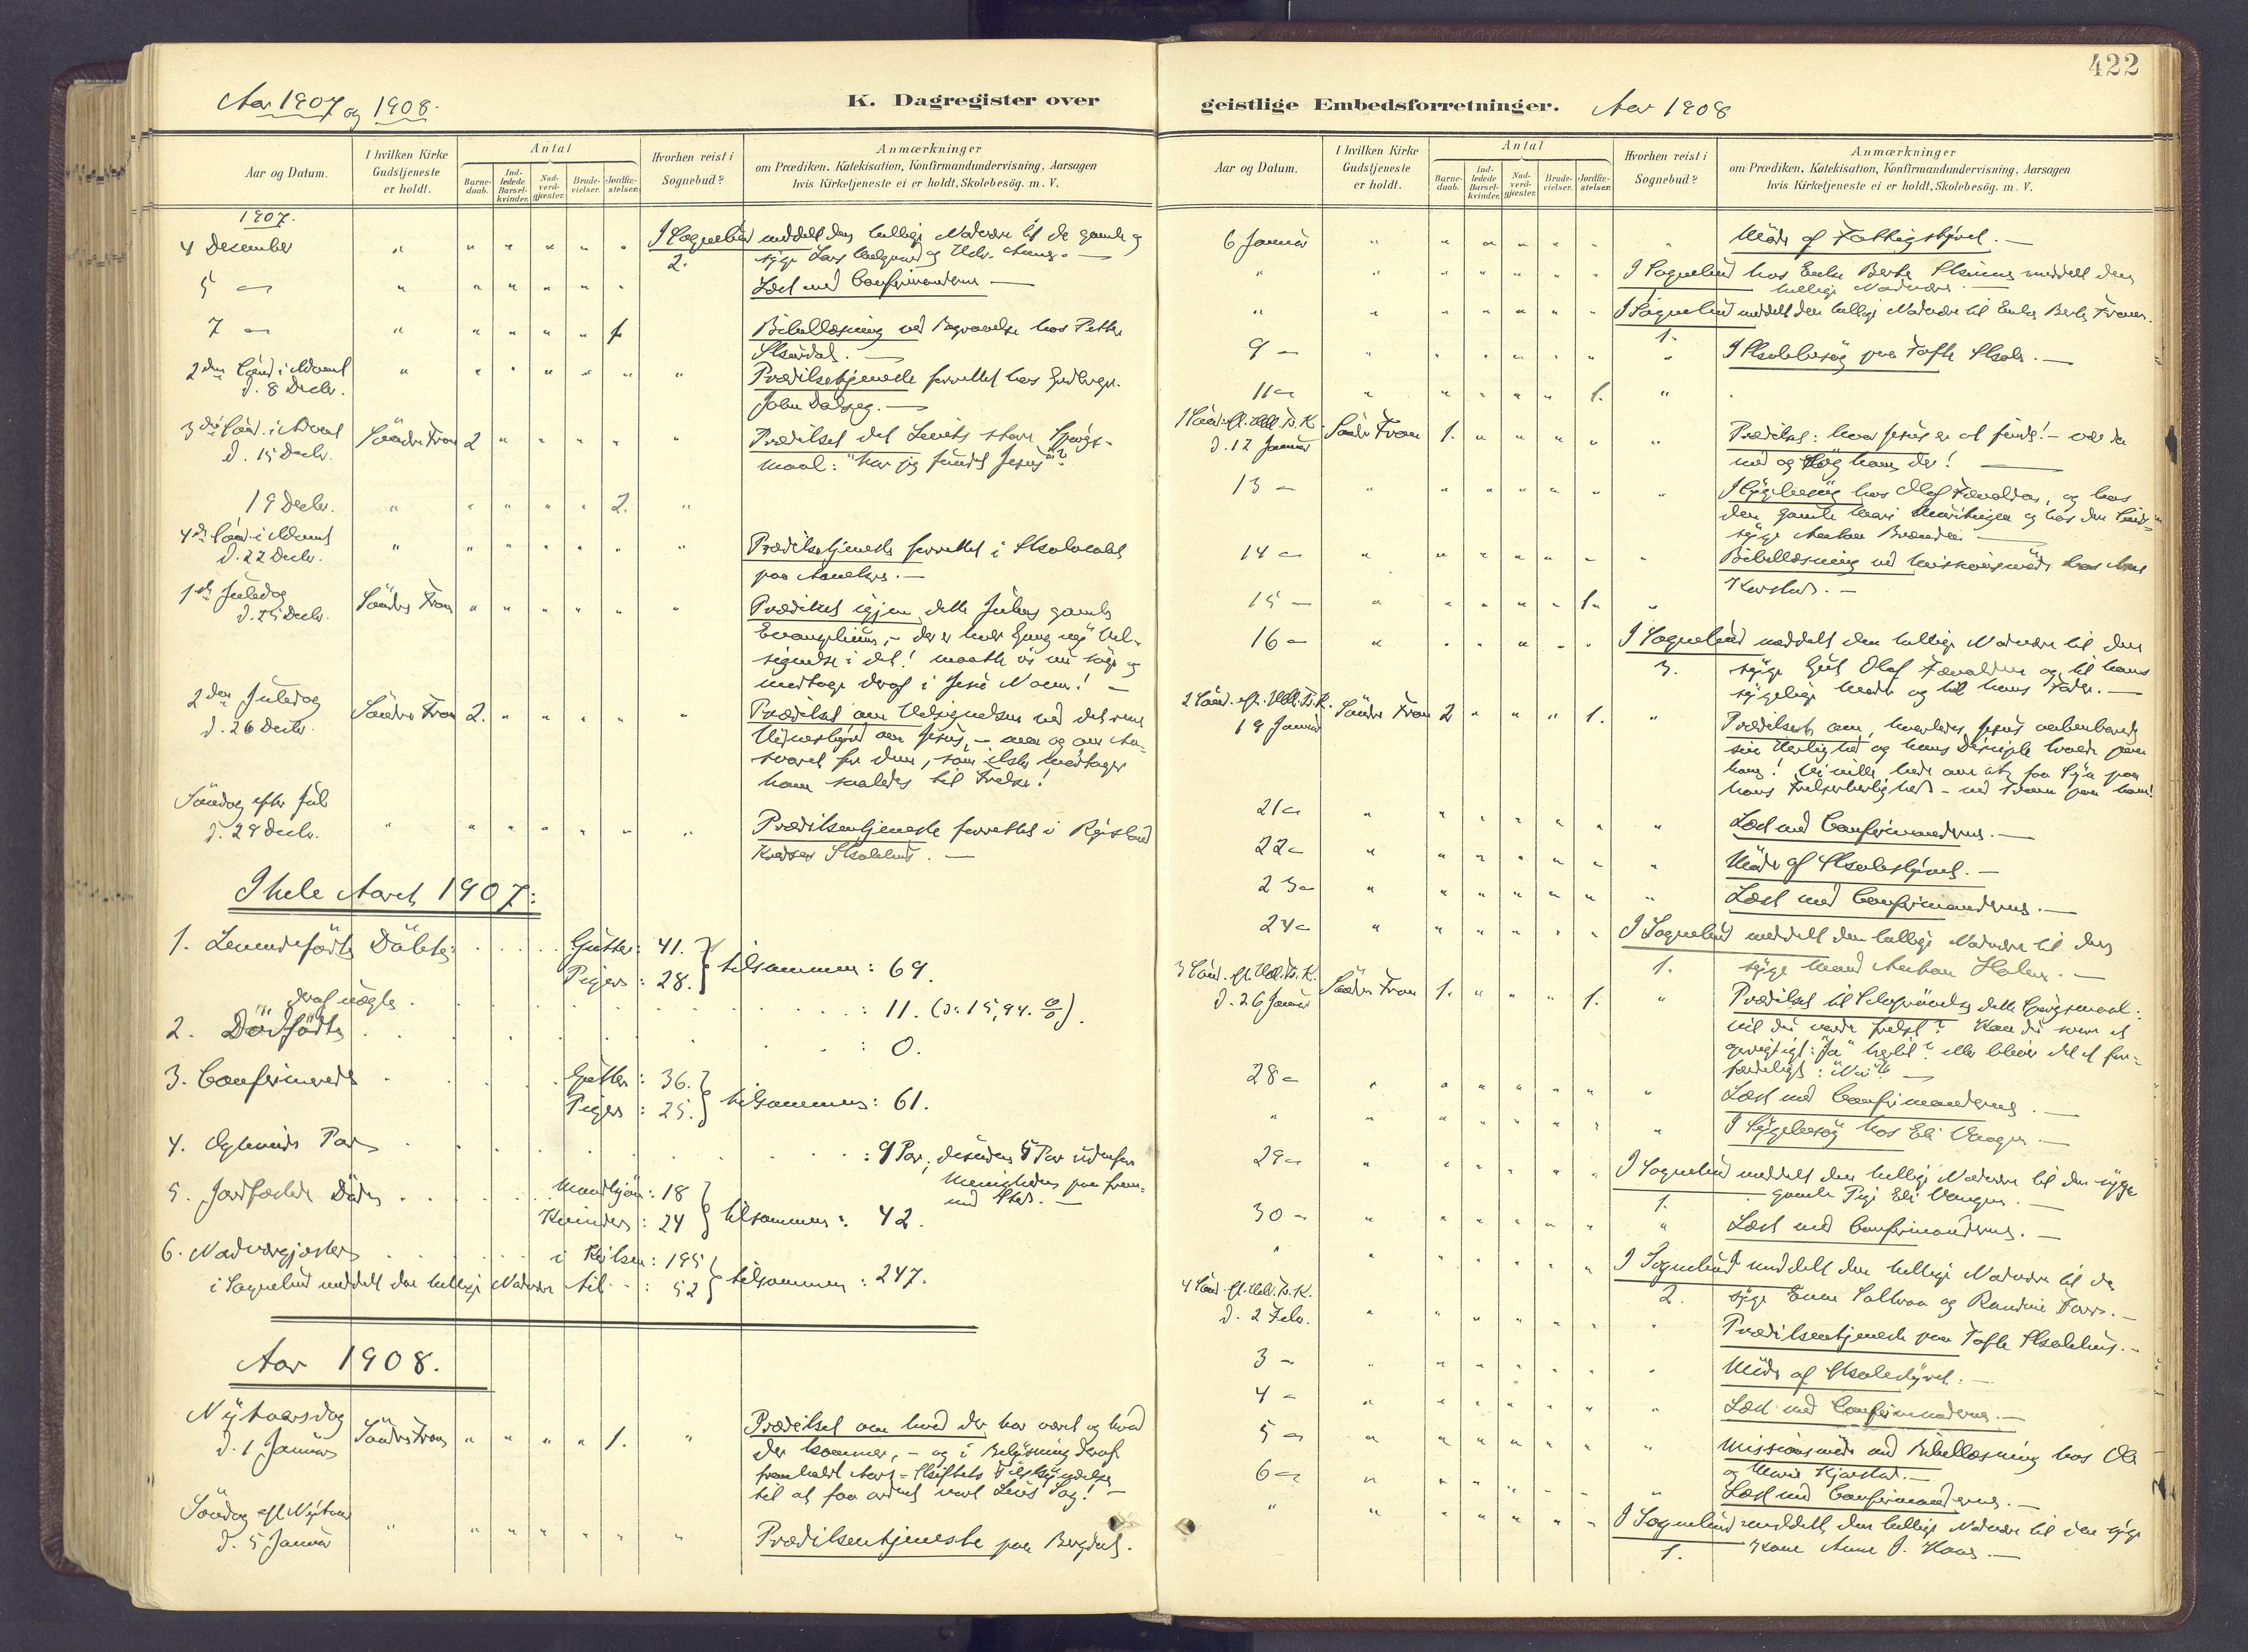 SAH, Sør-Fron prestekontor, H/Ha/Haa/L0004: Ministerialbok nr. 4, 1898-1919, s. 422